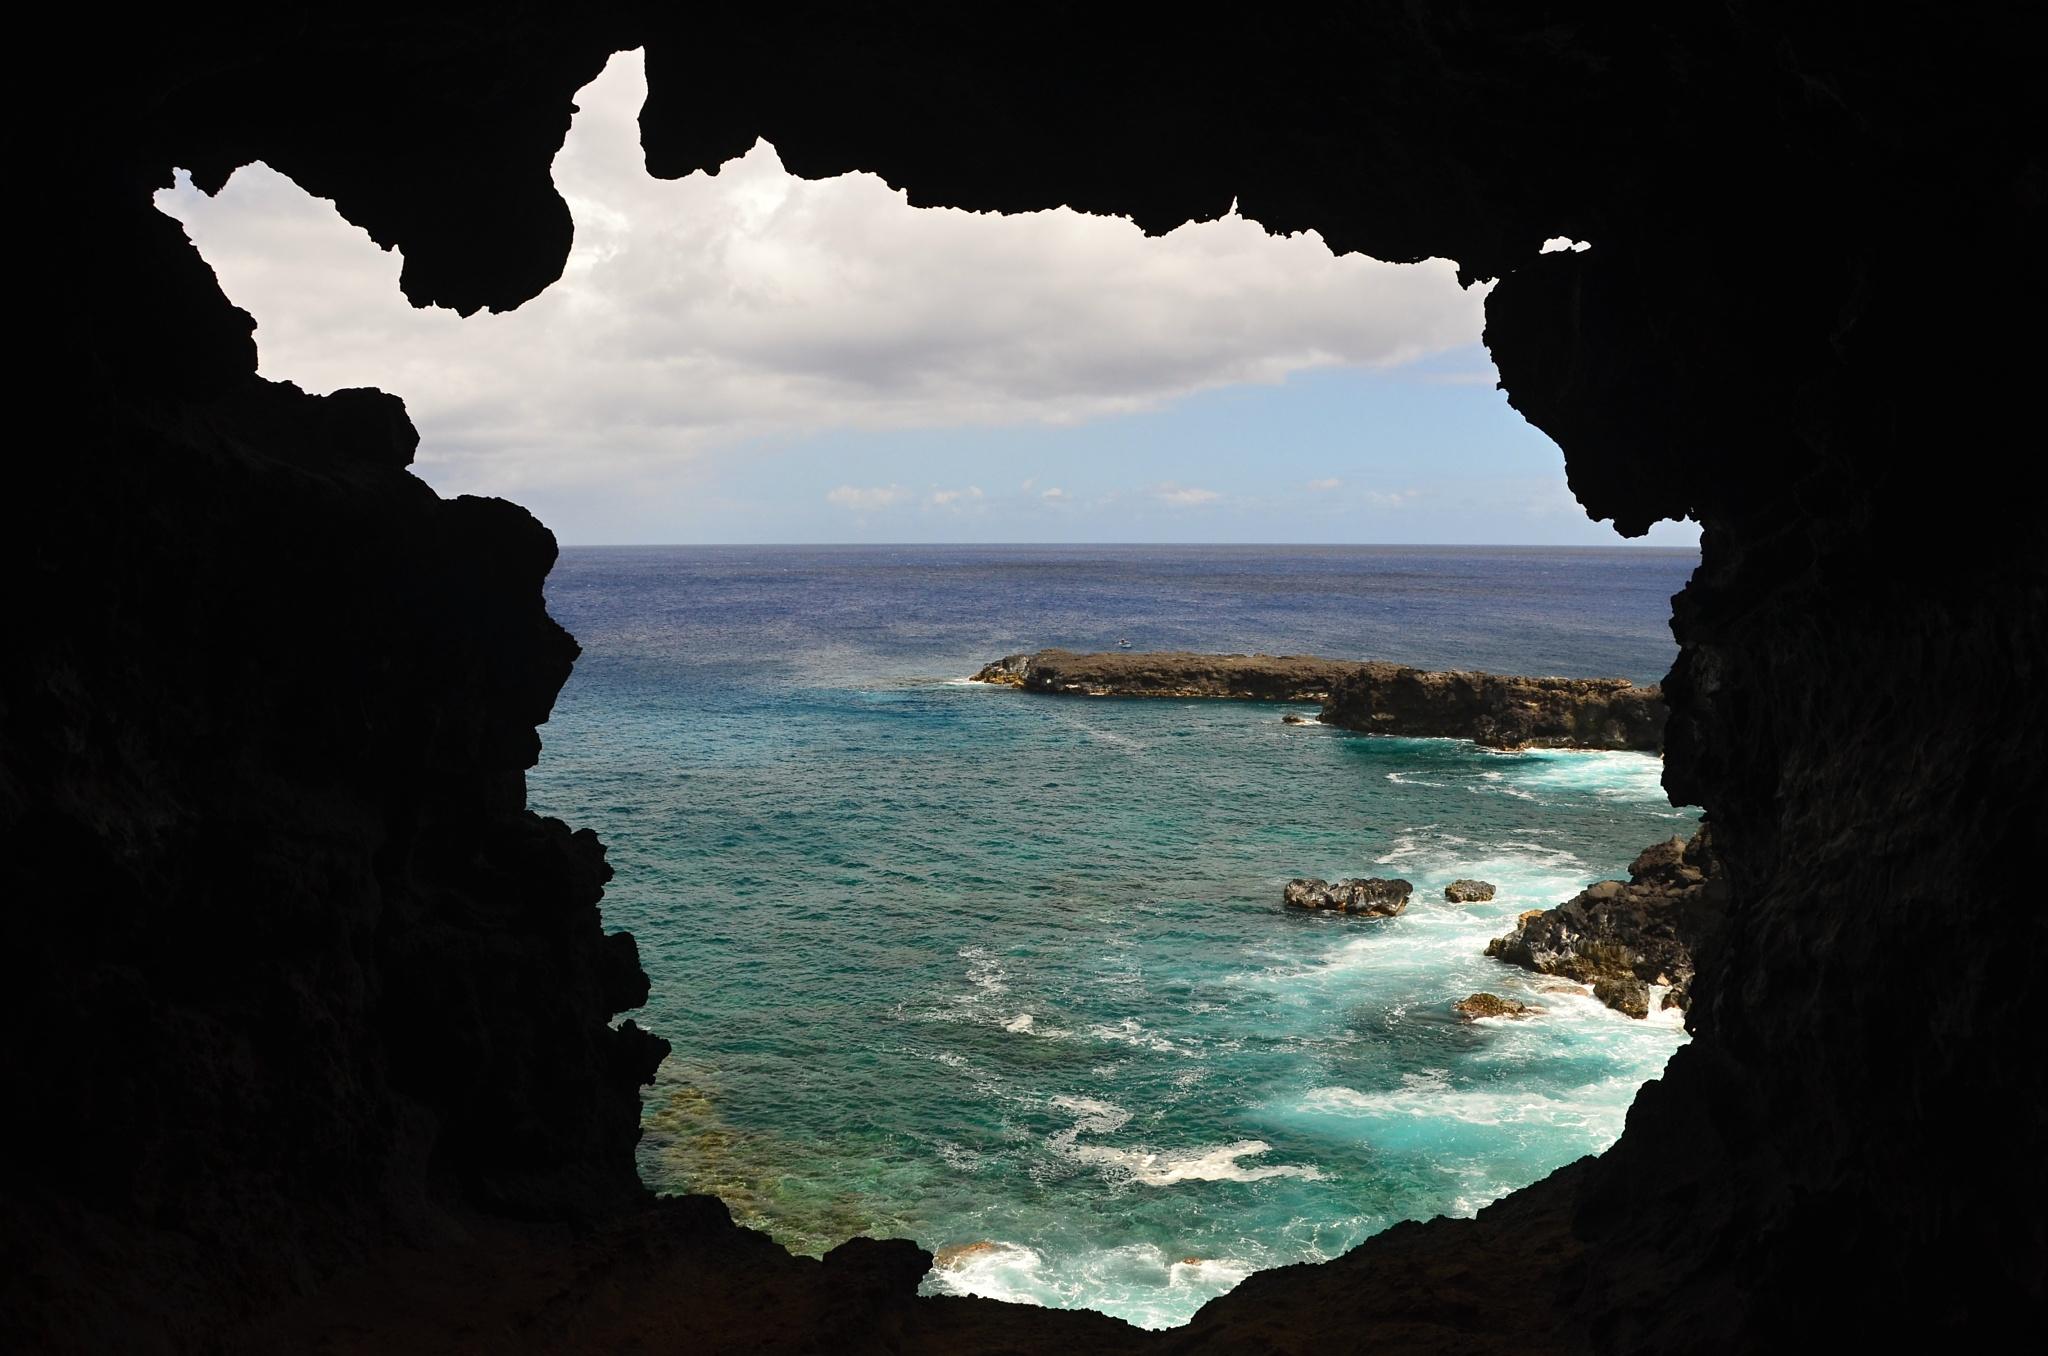 První okno s výhledem na moře...